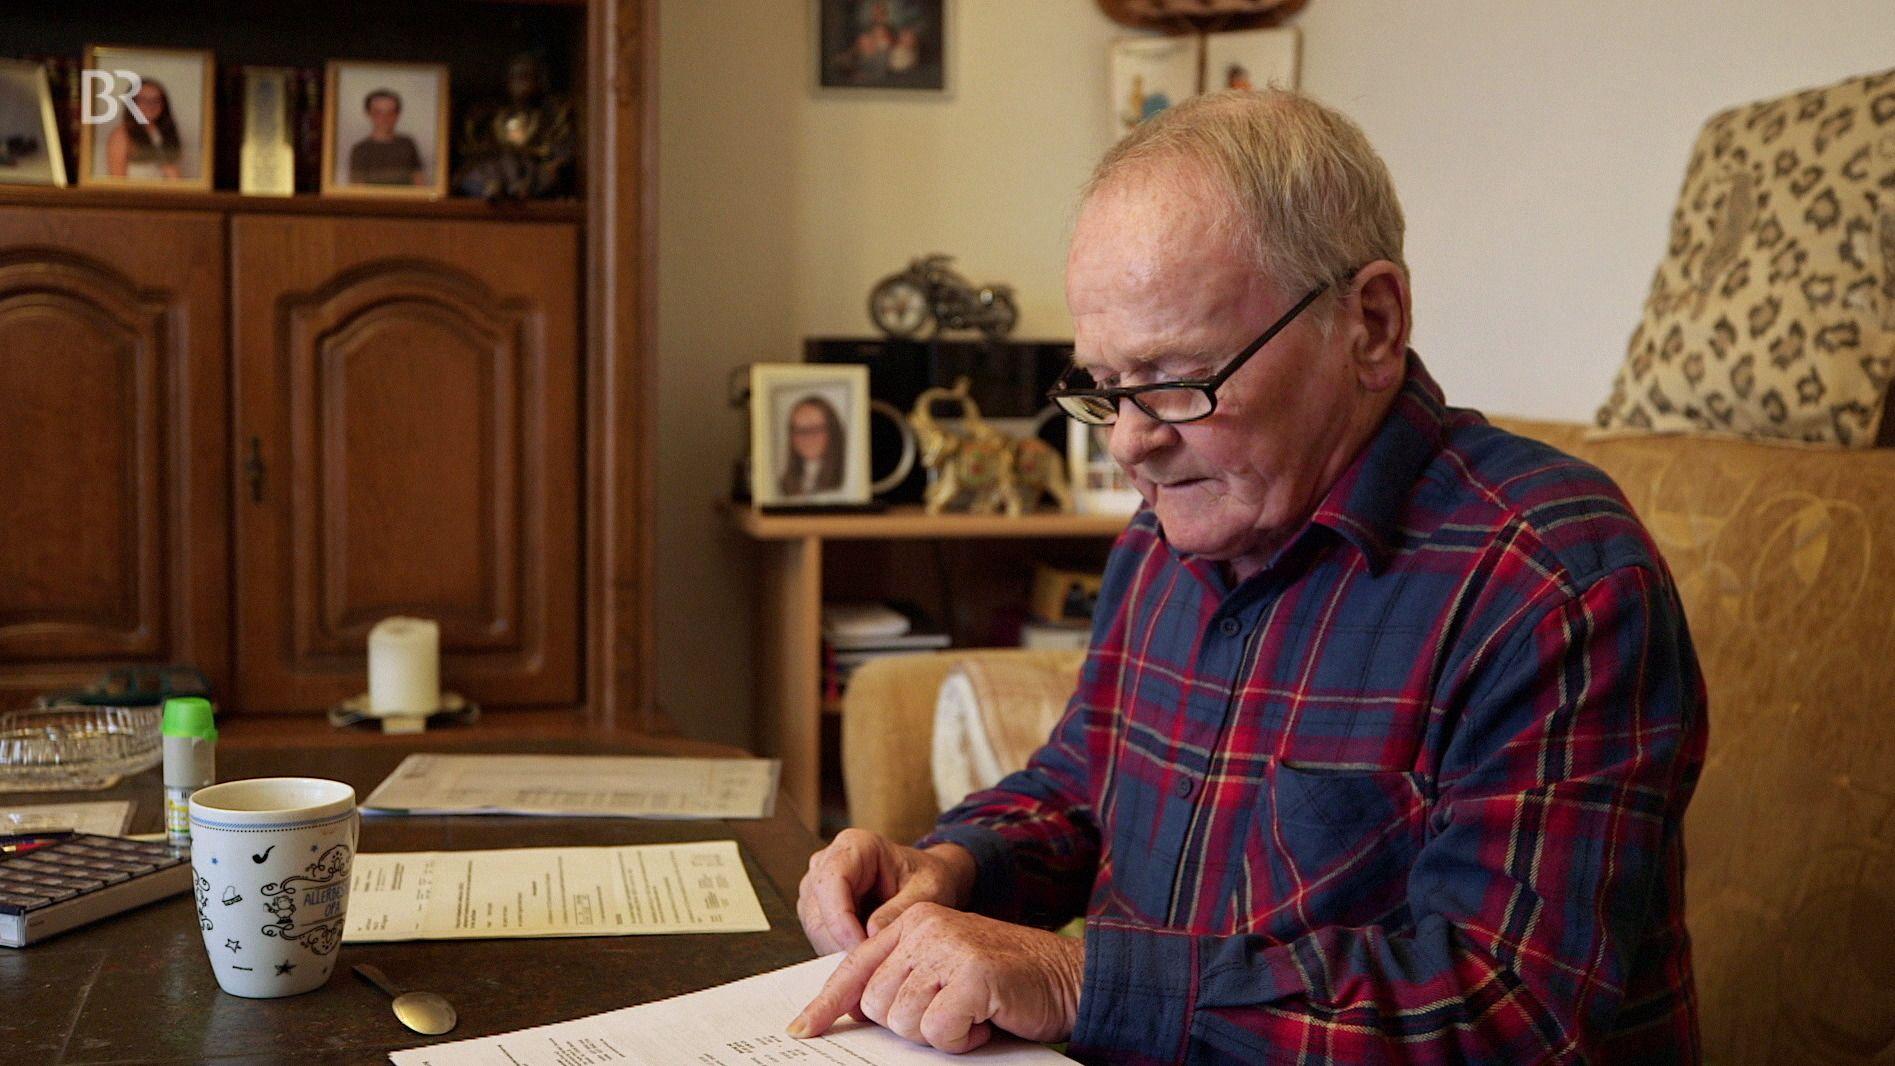 Der Rentner Josef Breuherr sitzt an seinem Wohnzimmertisch und prüft seine Ausgaben